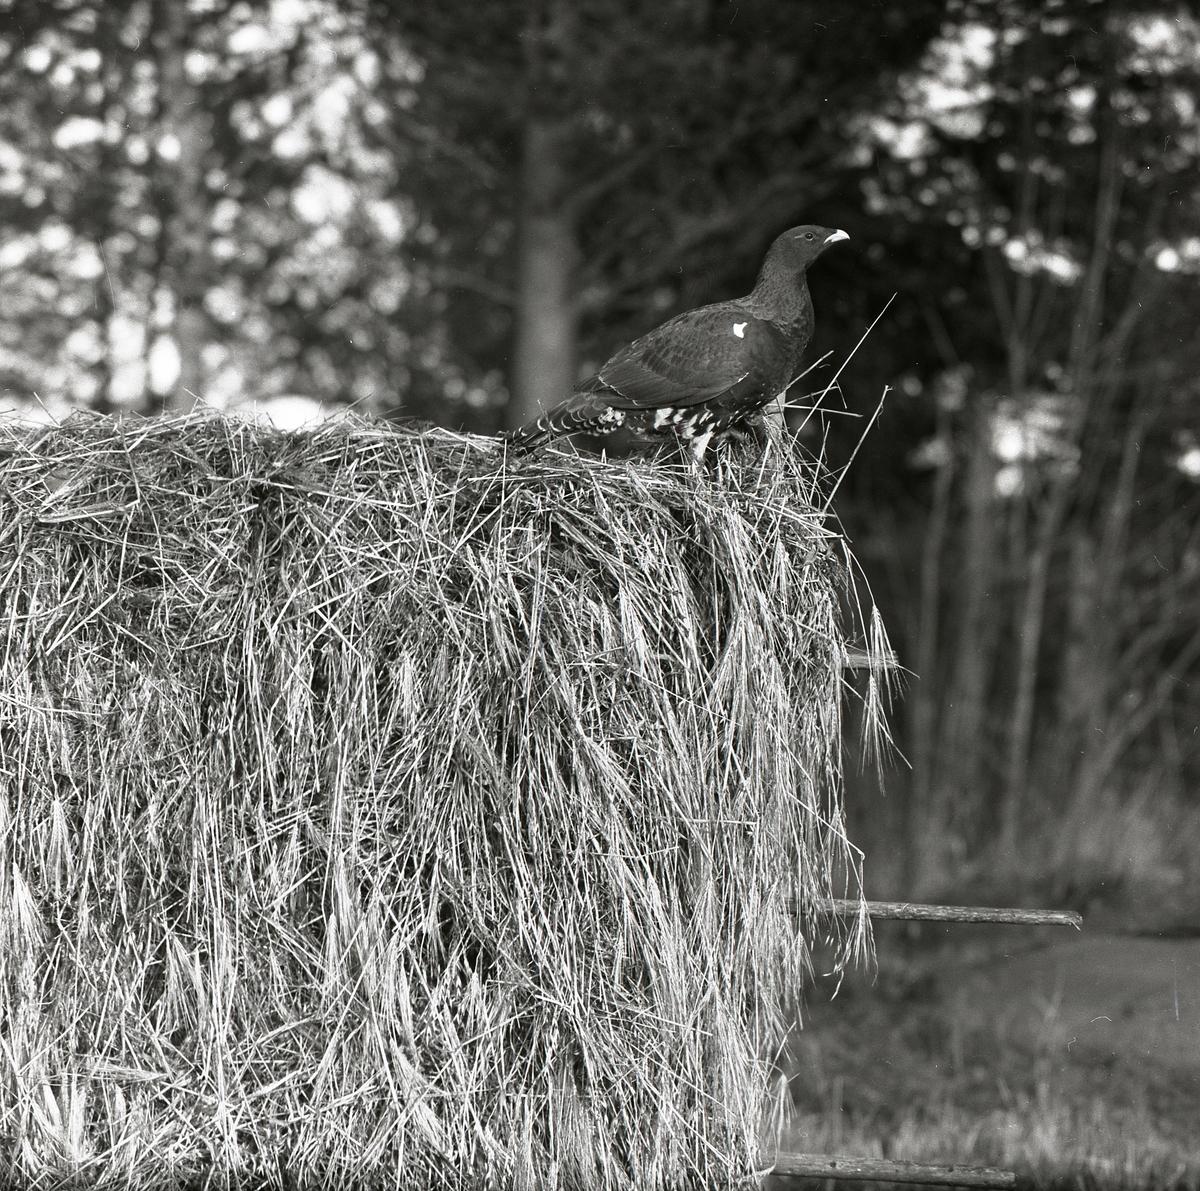 Tjäder som sitter på en hässja i ett skogsbryn 9 oktober 1957.